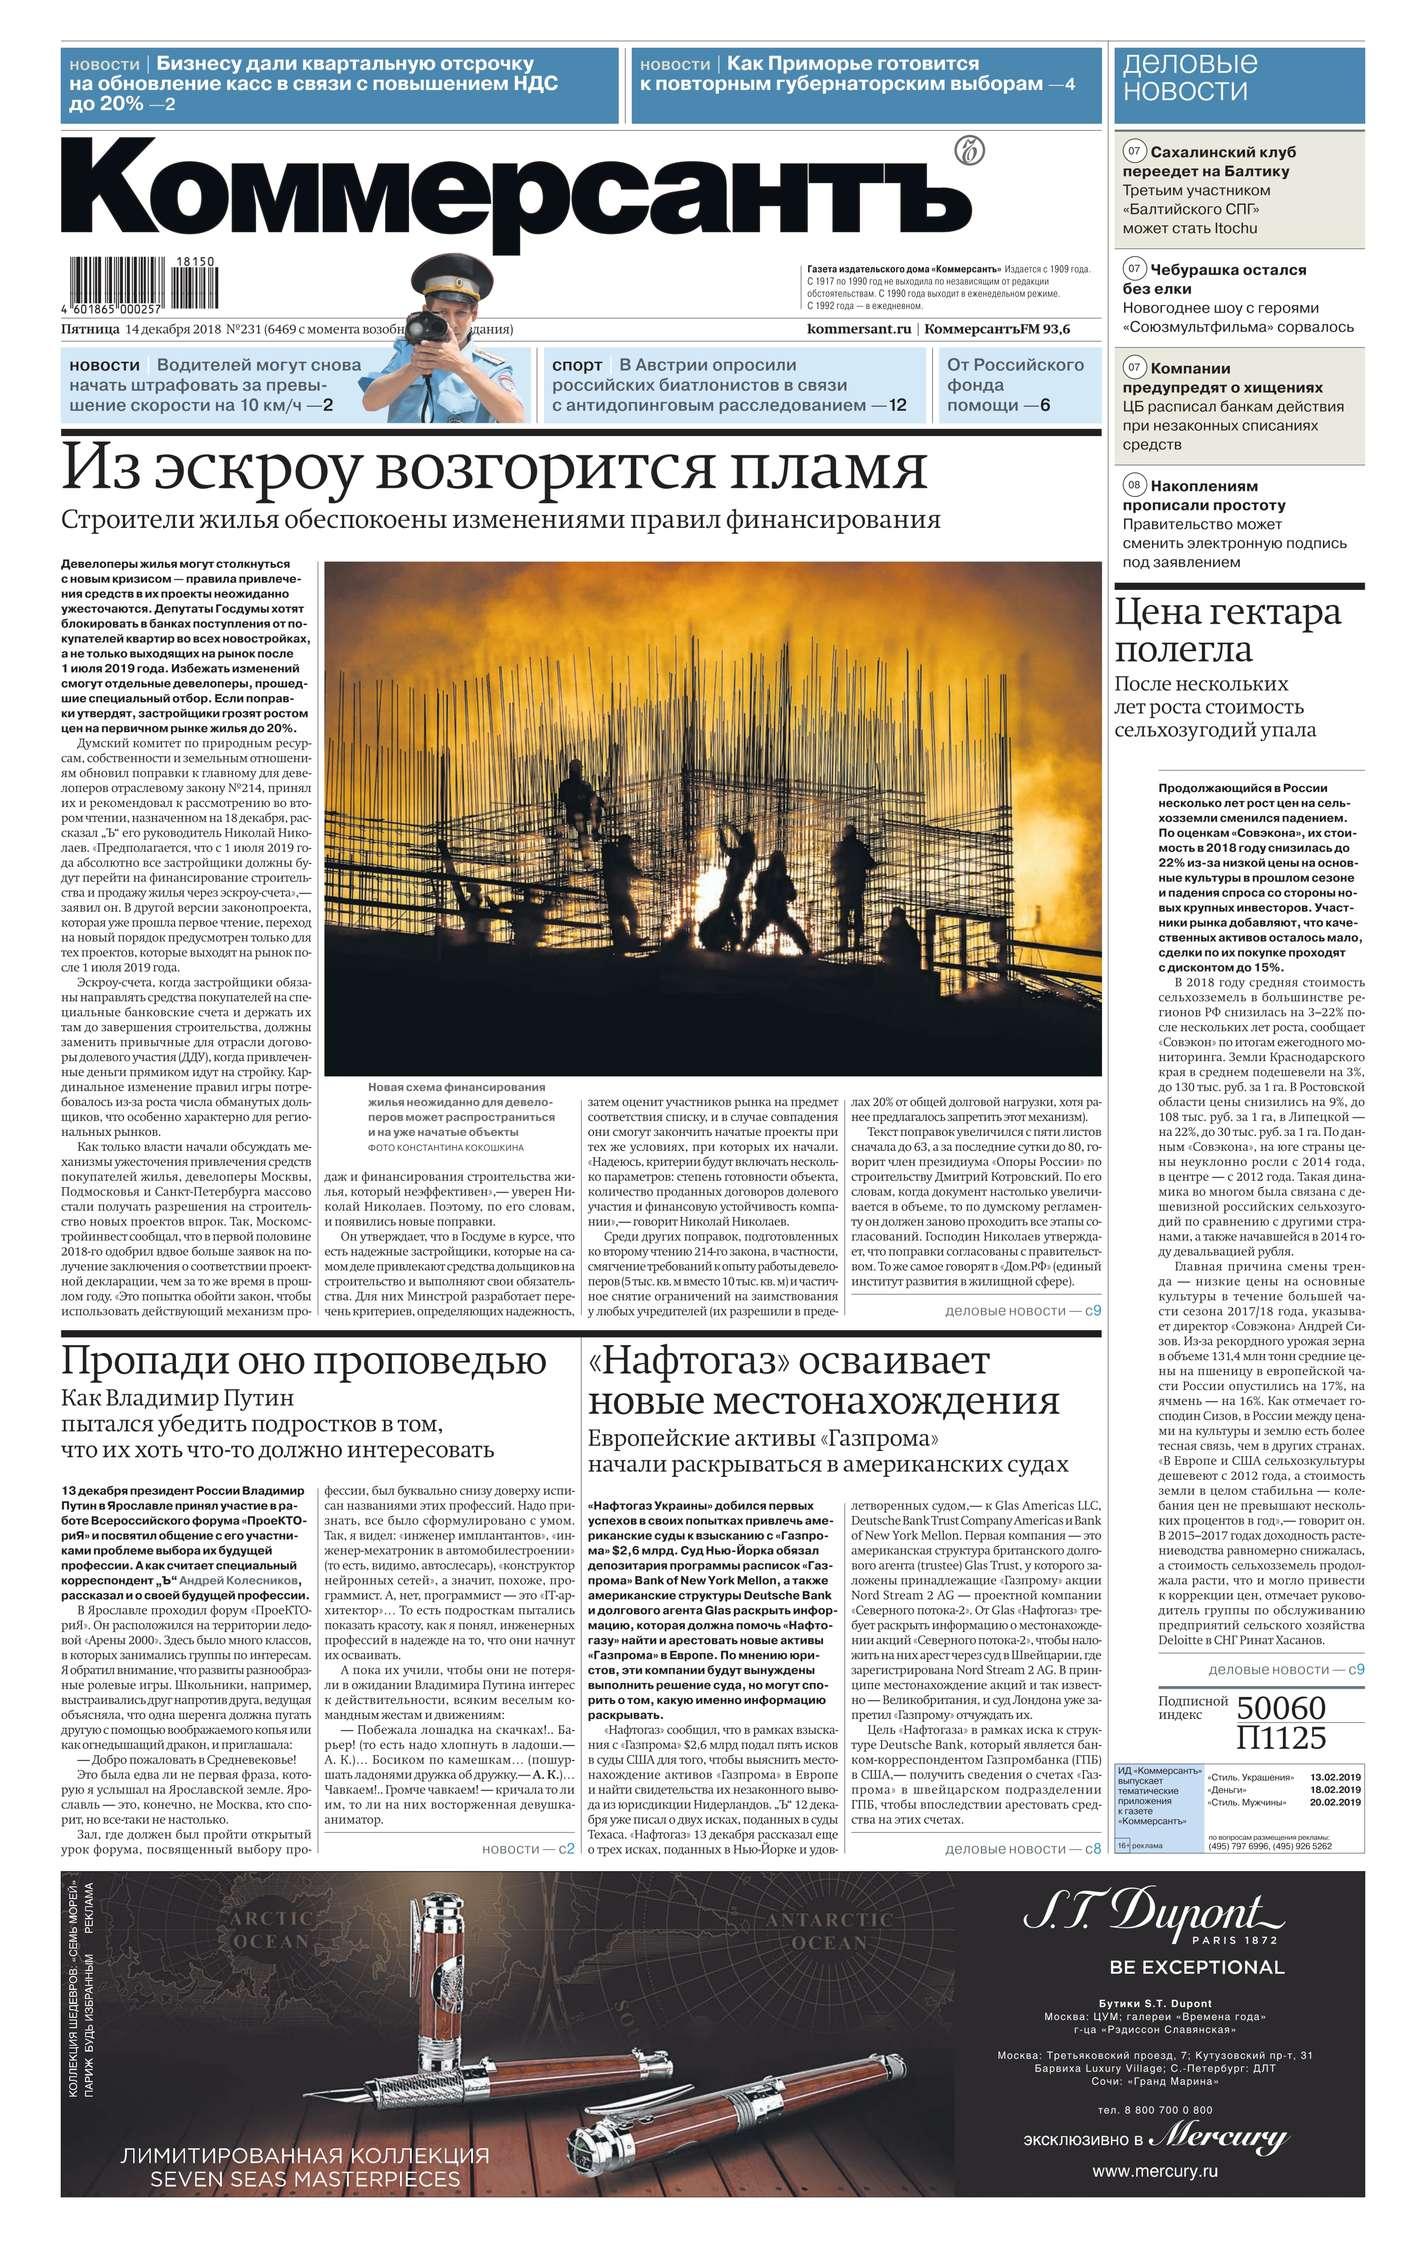 Редакция газеты Коммерсантъ (понедельник-пятница) Коммерсантъ (понедельник-пятница) 231-2018 цена